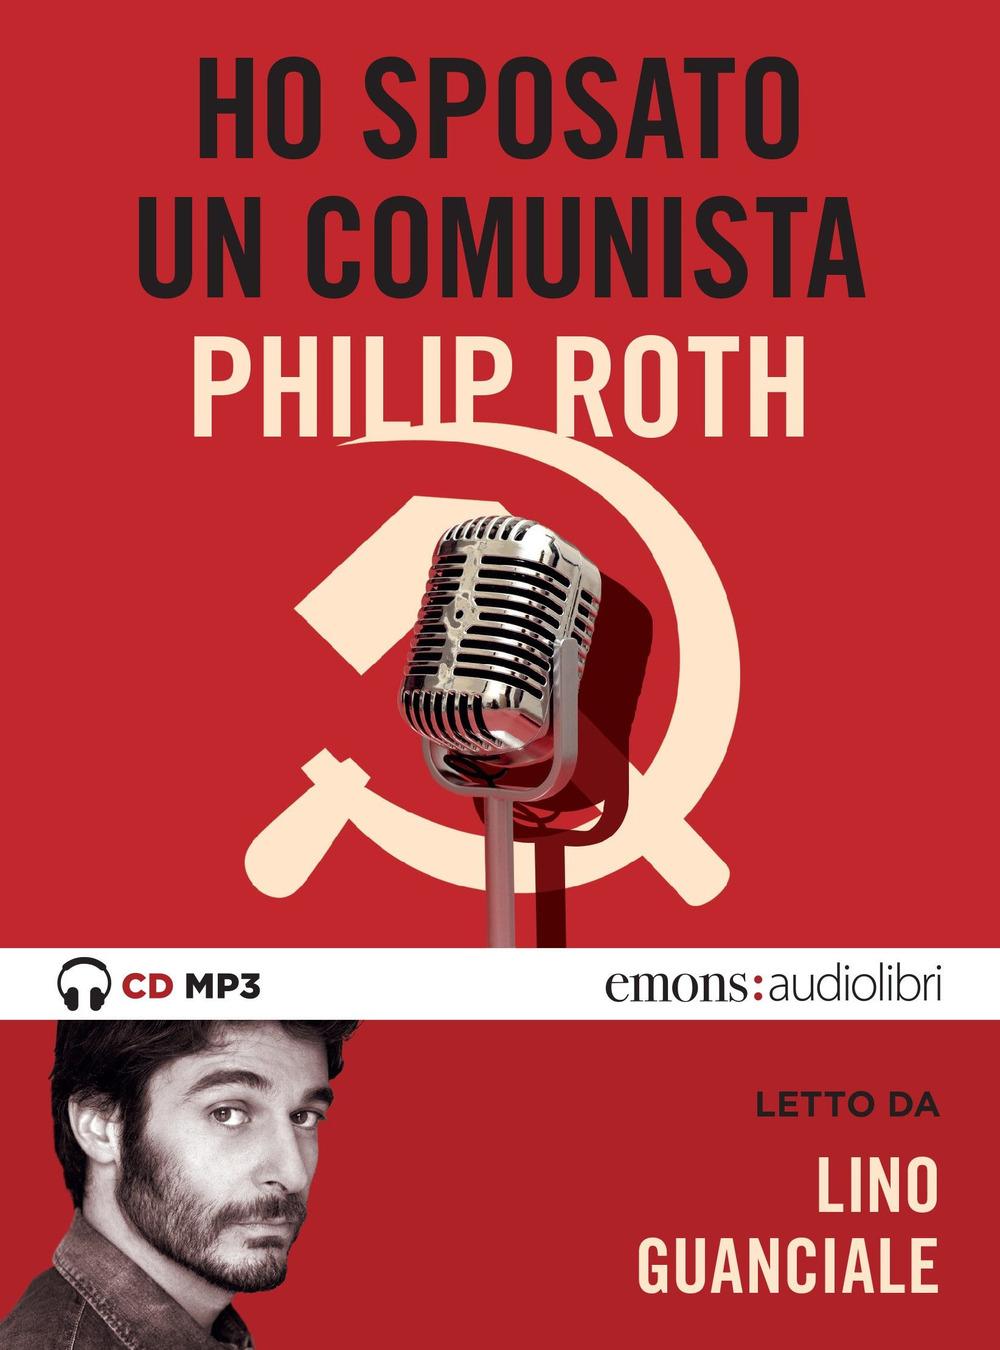 HO SPOSATO UN COMUNISTA LETTO DA LINO GUANCIALE. AUDIOLIBRO. CD AUDIO FORMATO MP3 - Roth Philip - 9788869865565